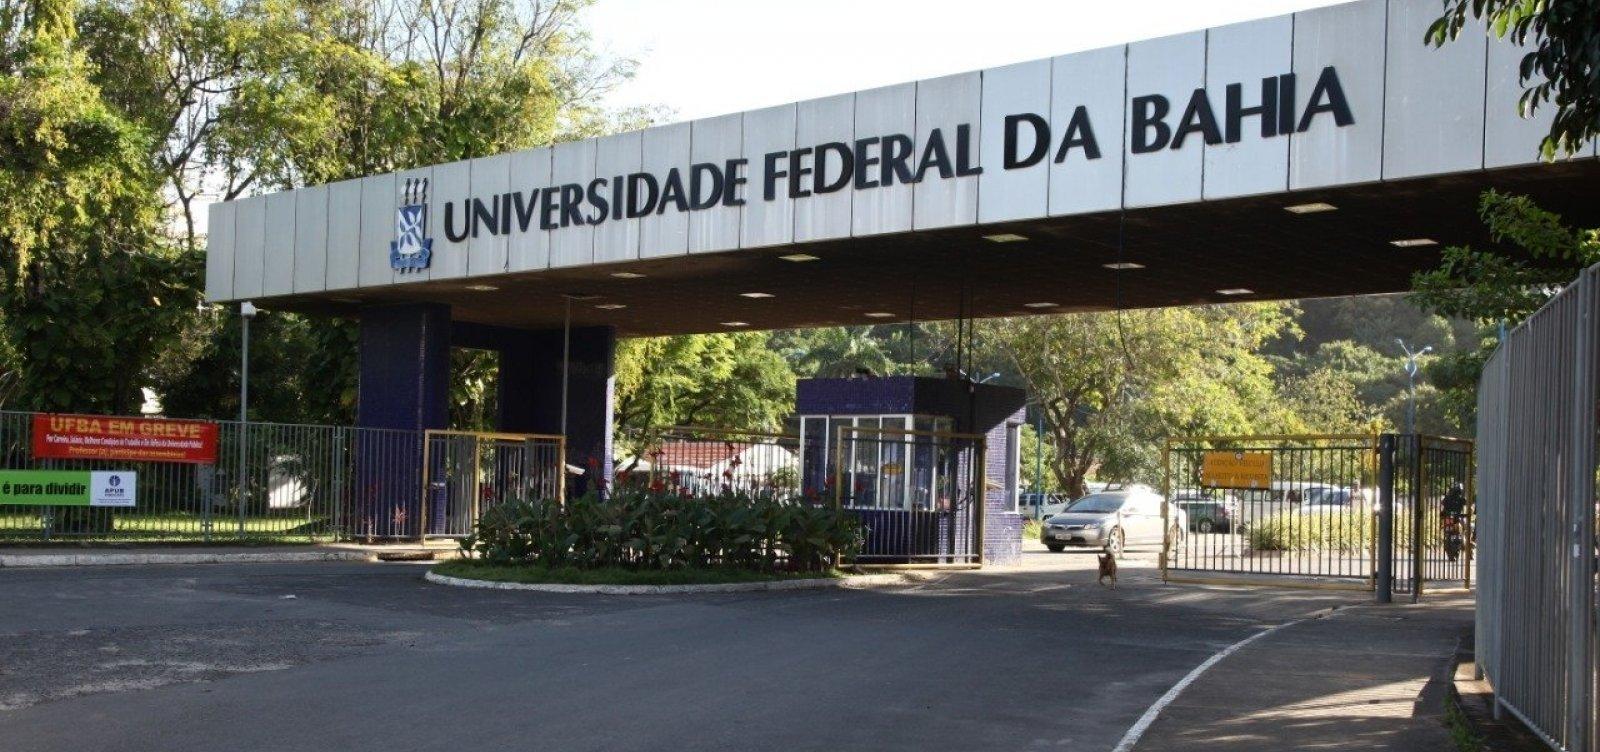 Ufba aparece entre as 20 universidades com mais pesquisadores da América Latina